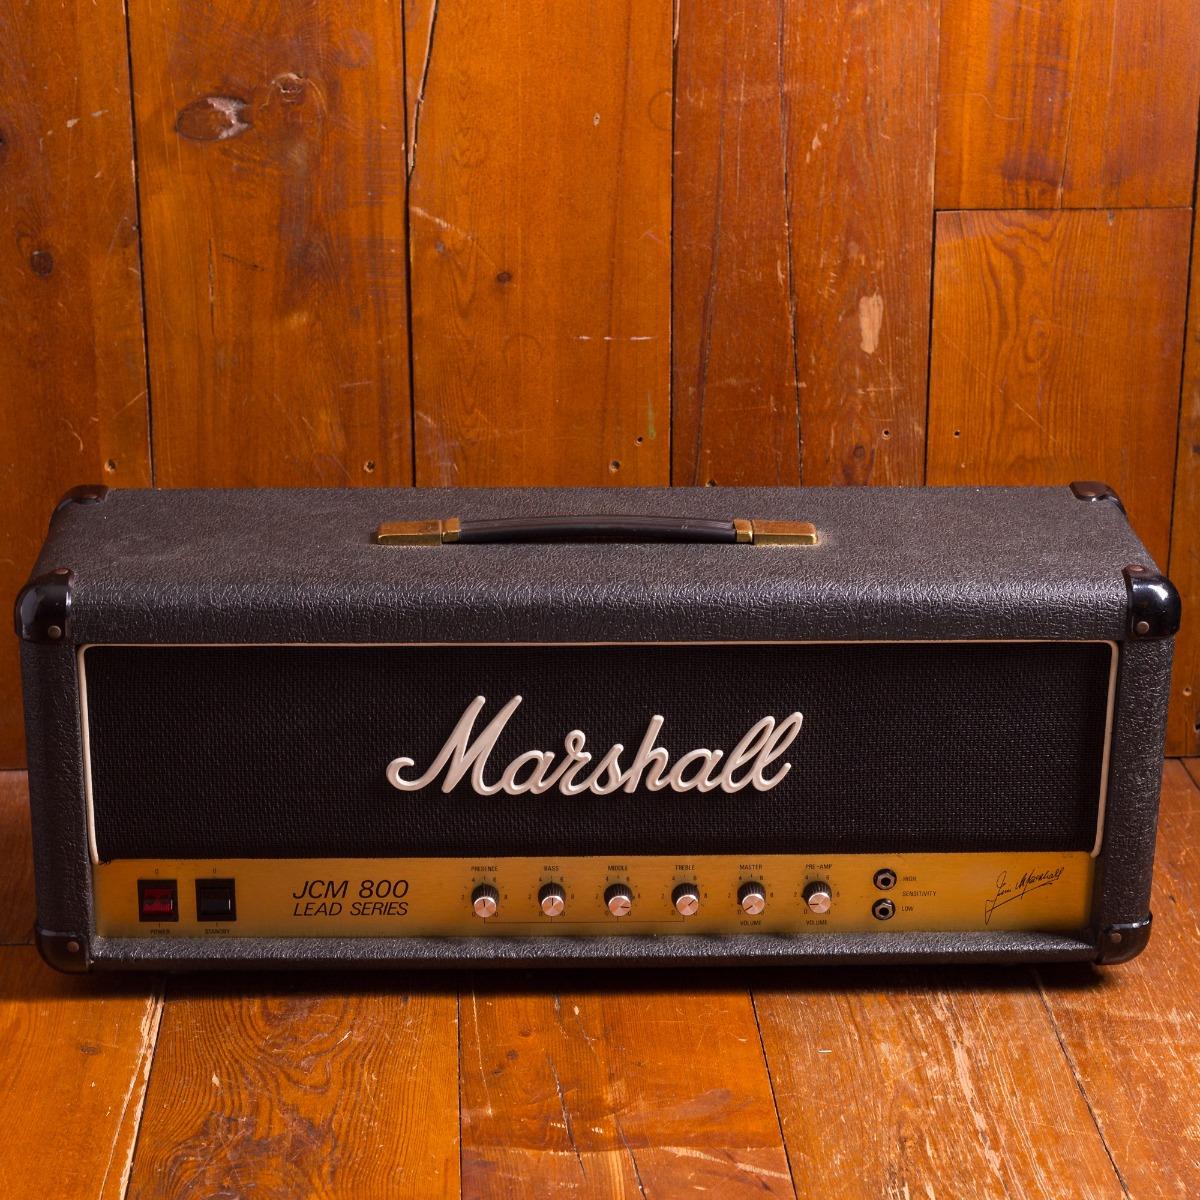 Marshall 1981 JCM 800 2204 Head 1981